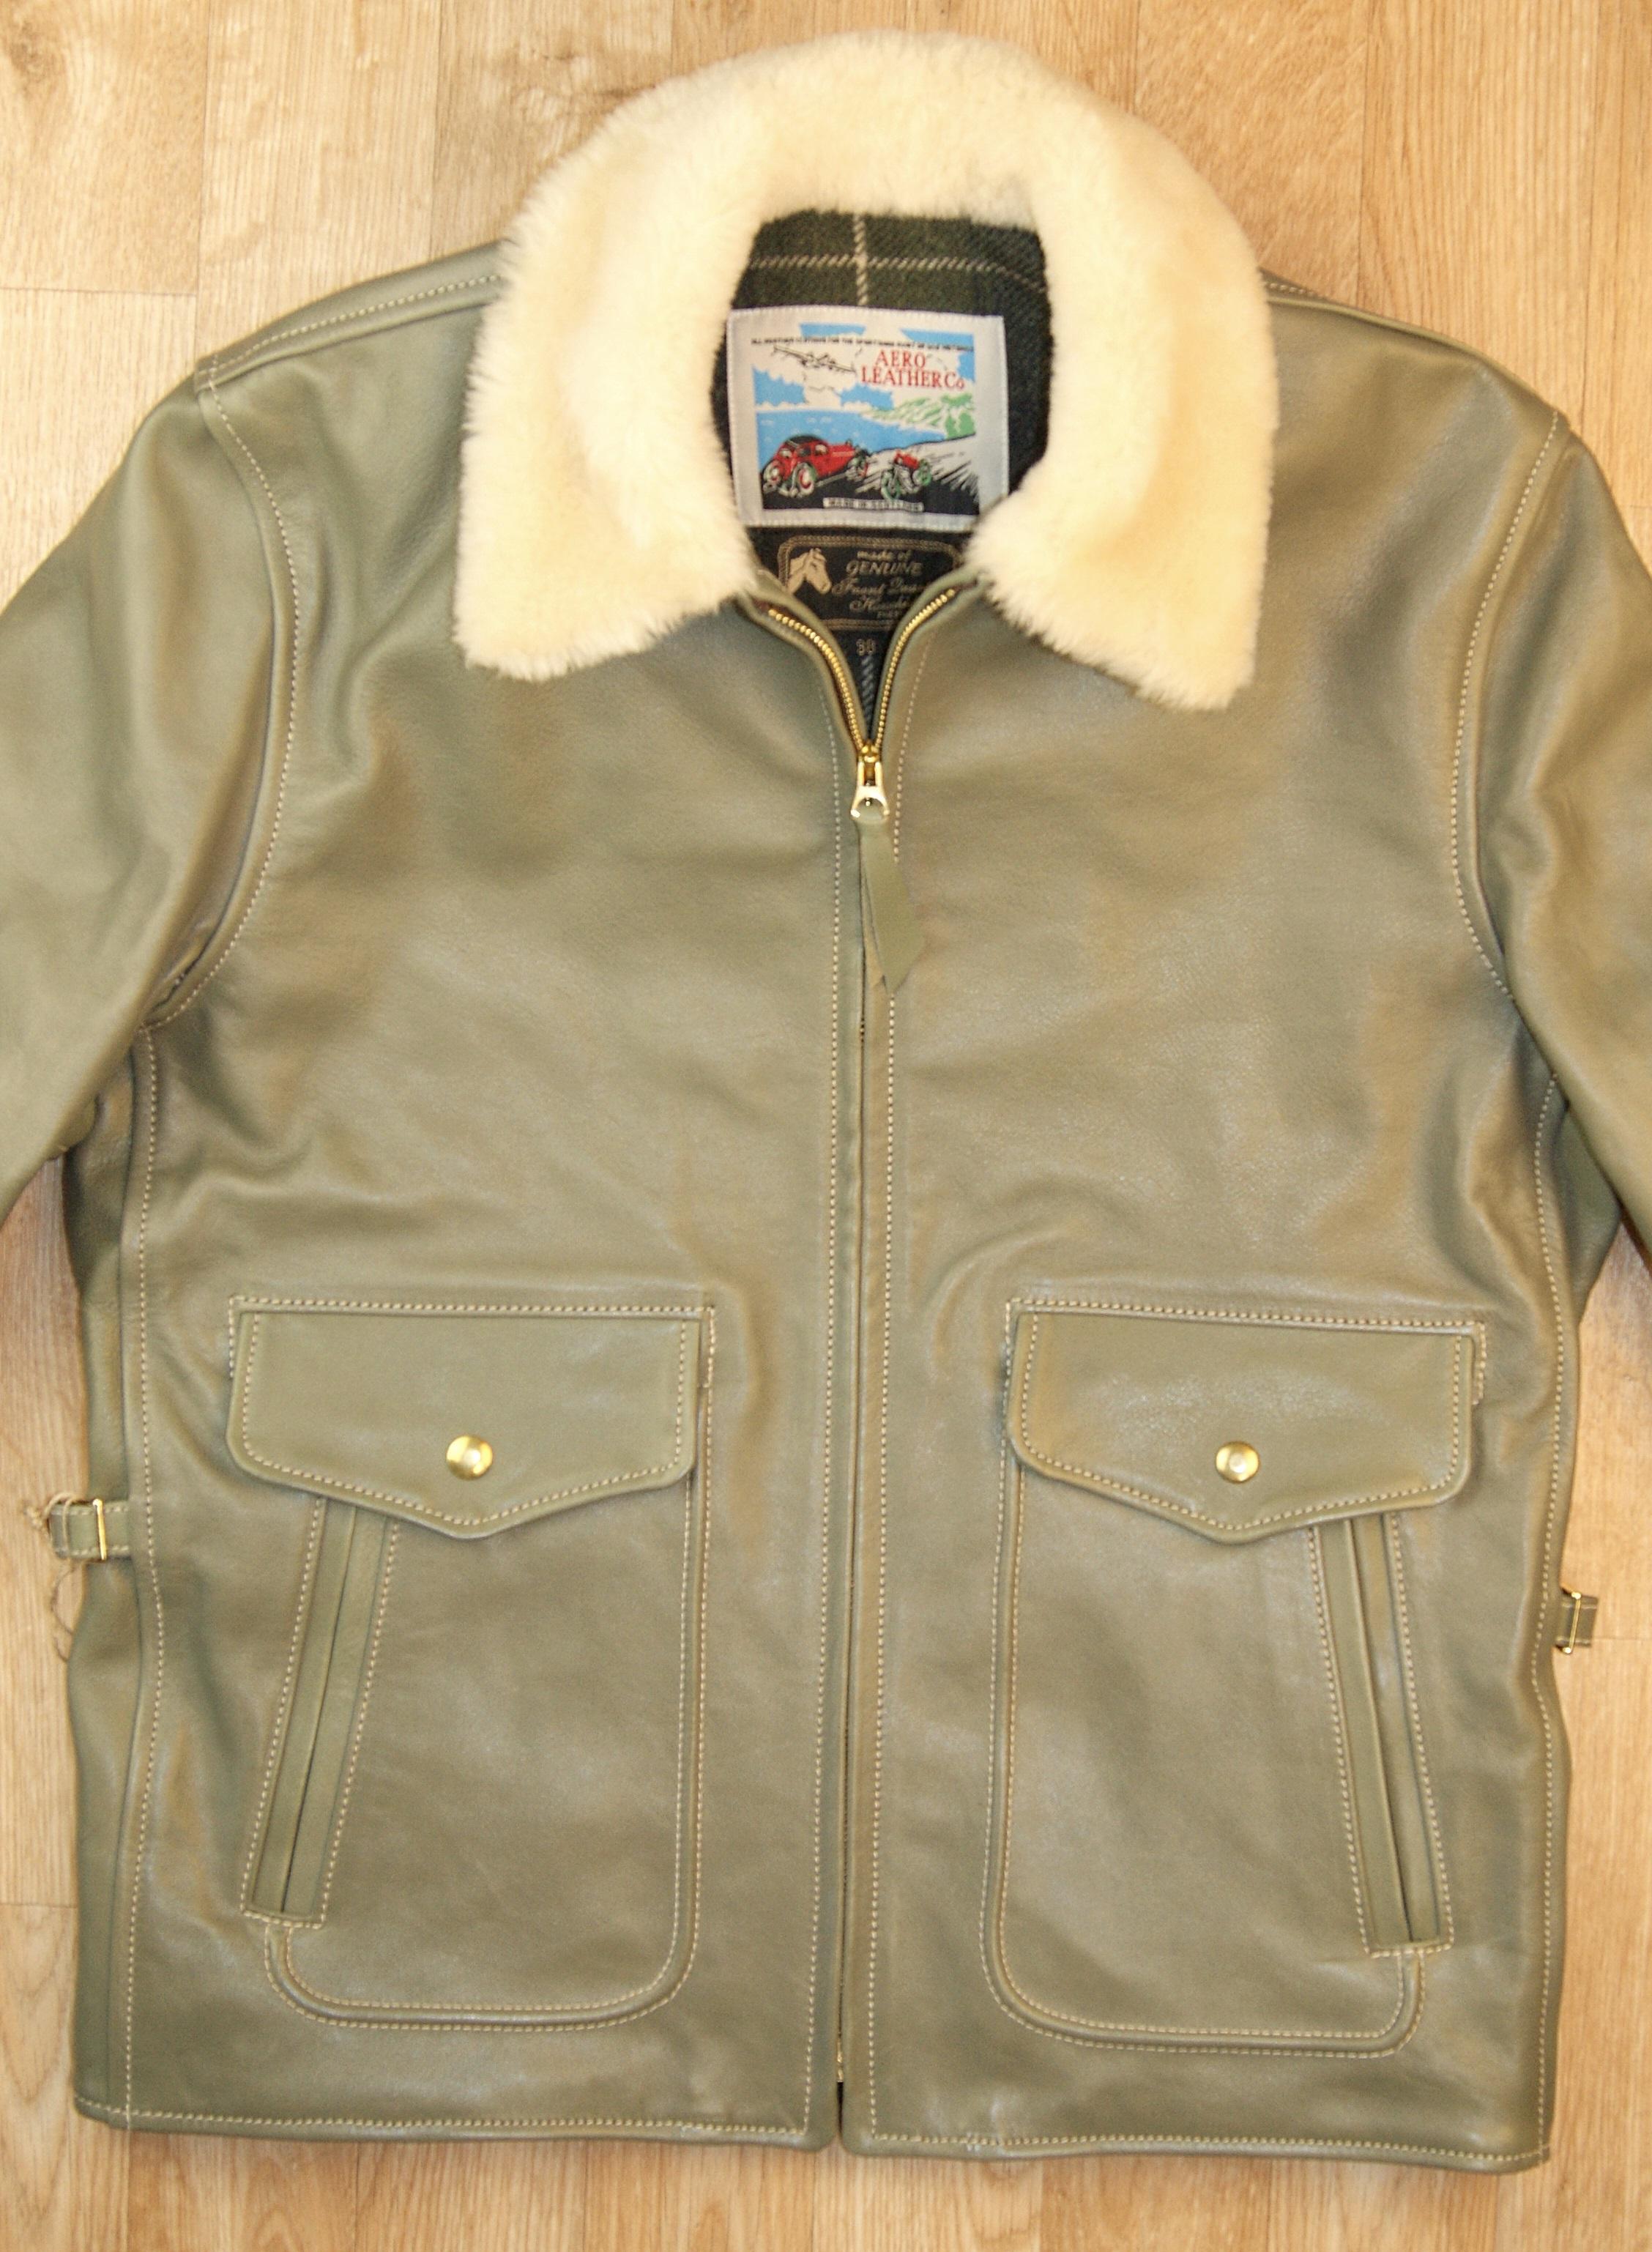 Aero Half Belt Deluxe Olive Vicenza Horsehide Blonde Fur collar front.jpg